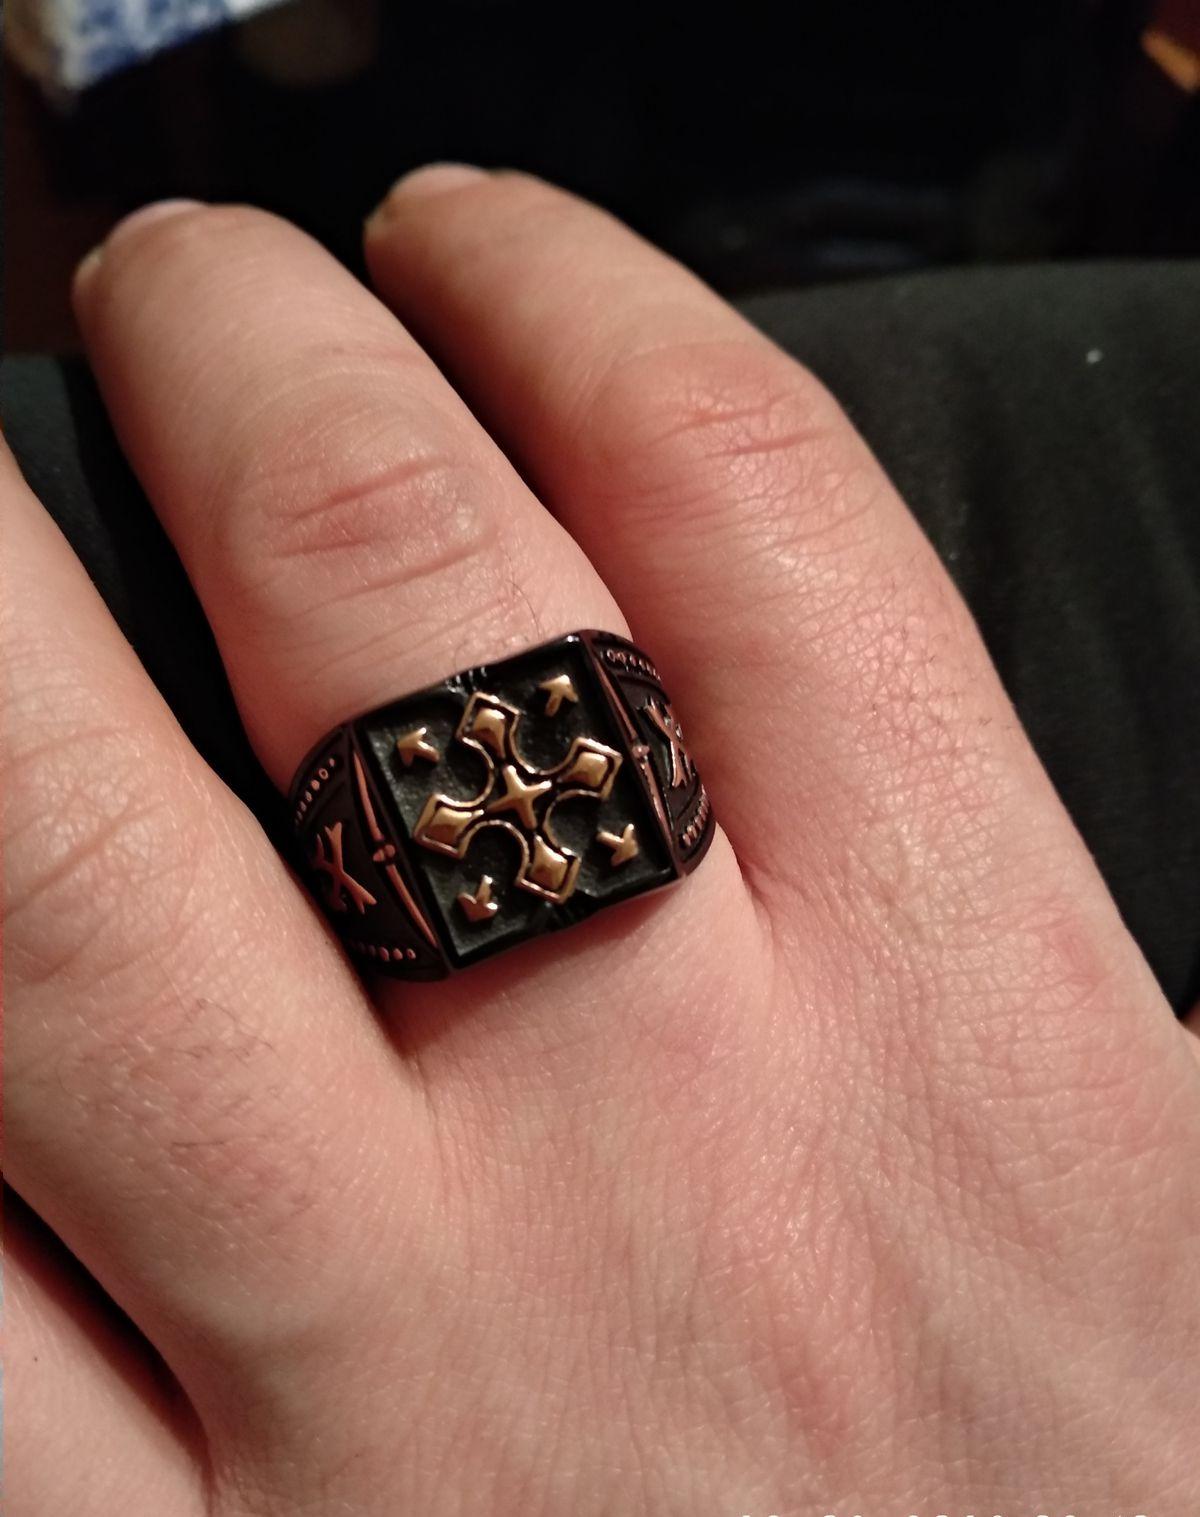 Супер кольцо 👍